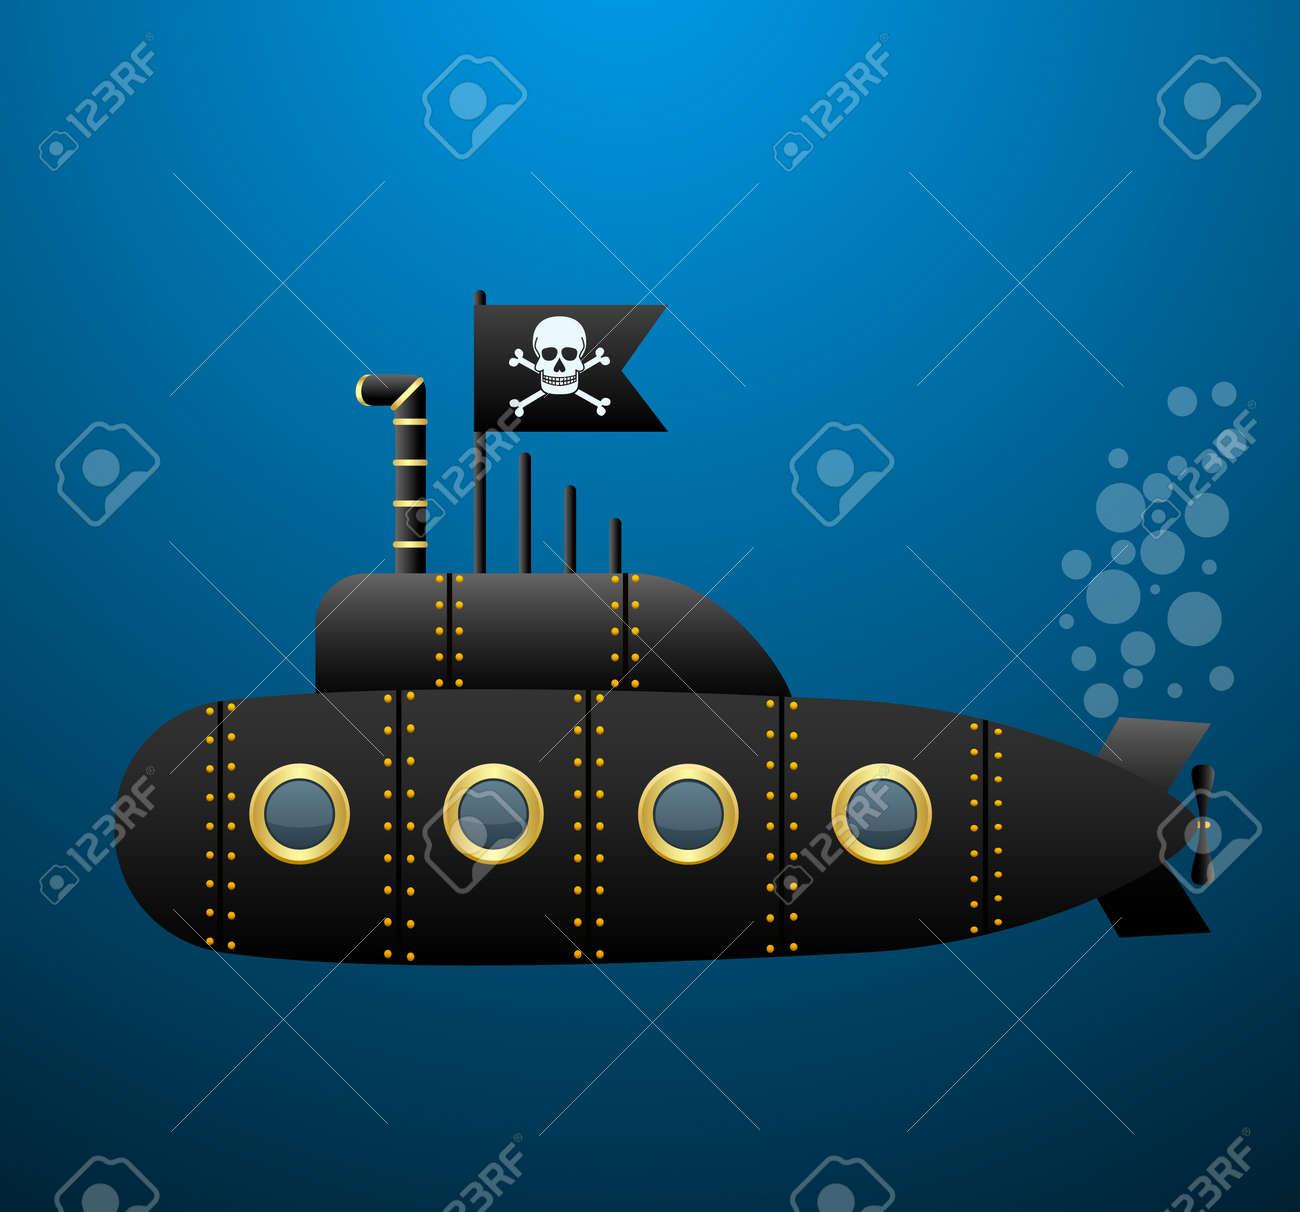 Kleurplaten Piraten Vlaggen.Zwarte Piraat Onderzeeer Onder Het Water Jolly Roger Vlag Cartoon Stijl Vector Afbeelding